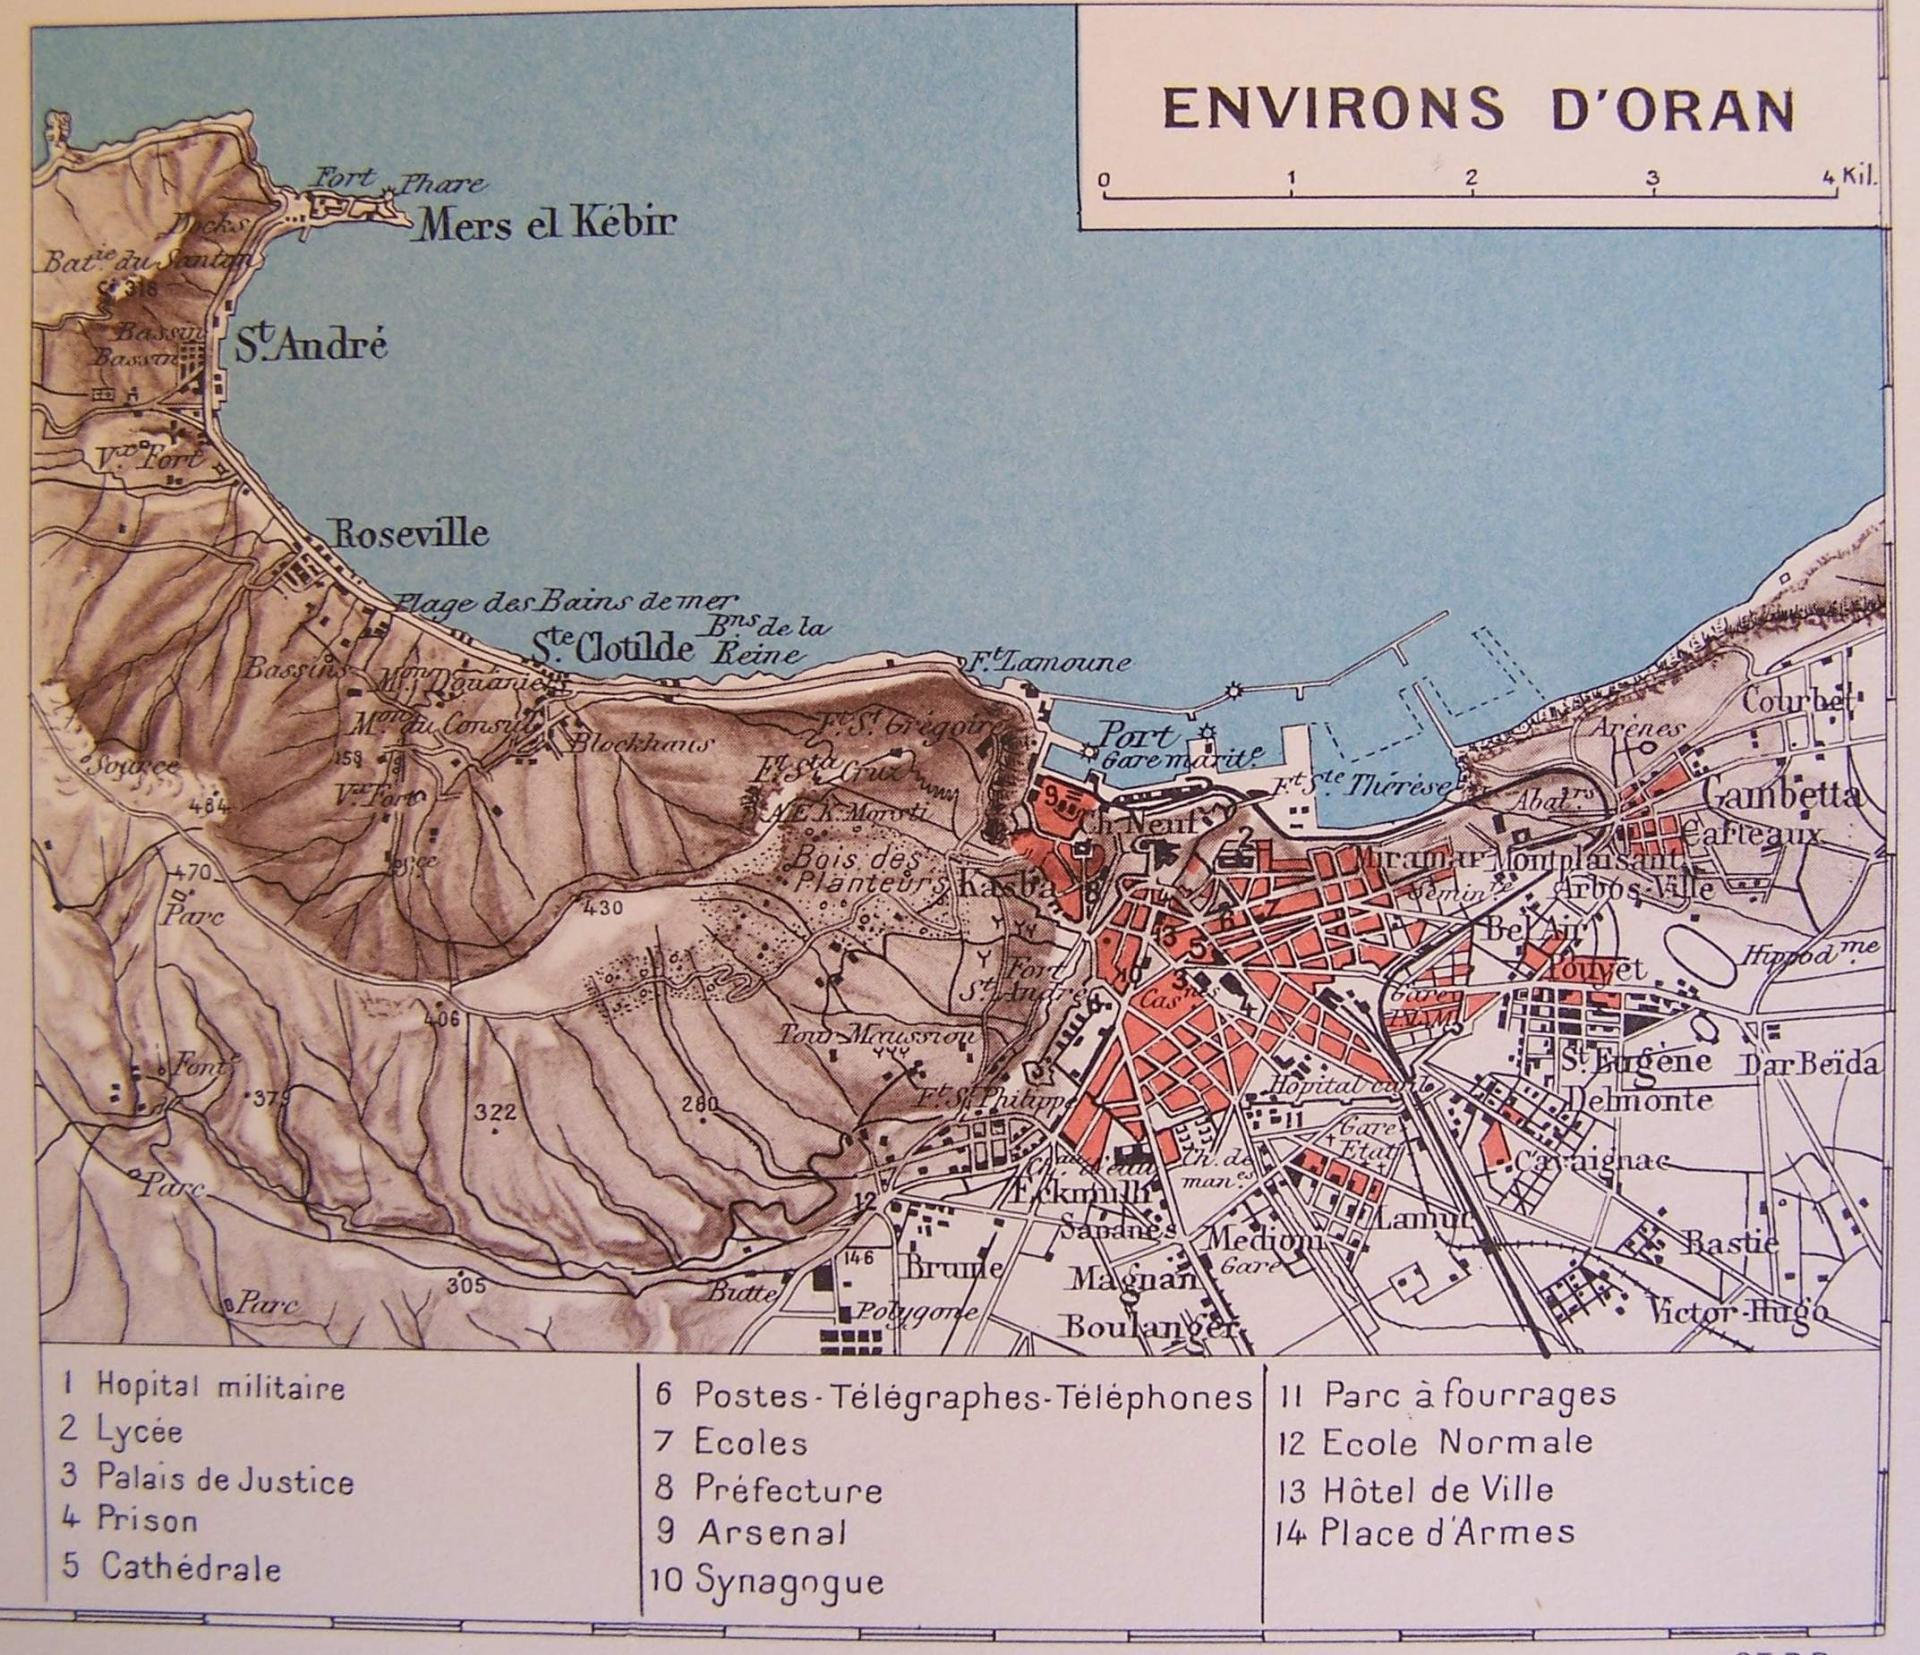 Environs d'Oran